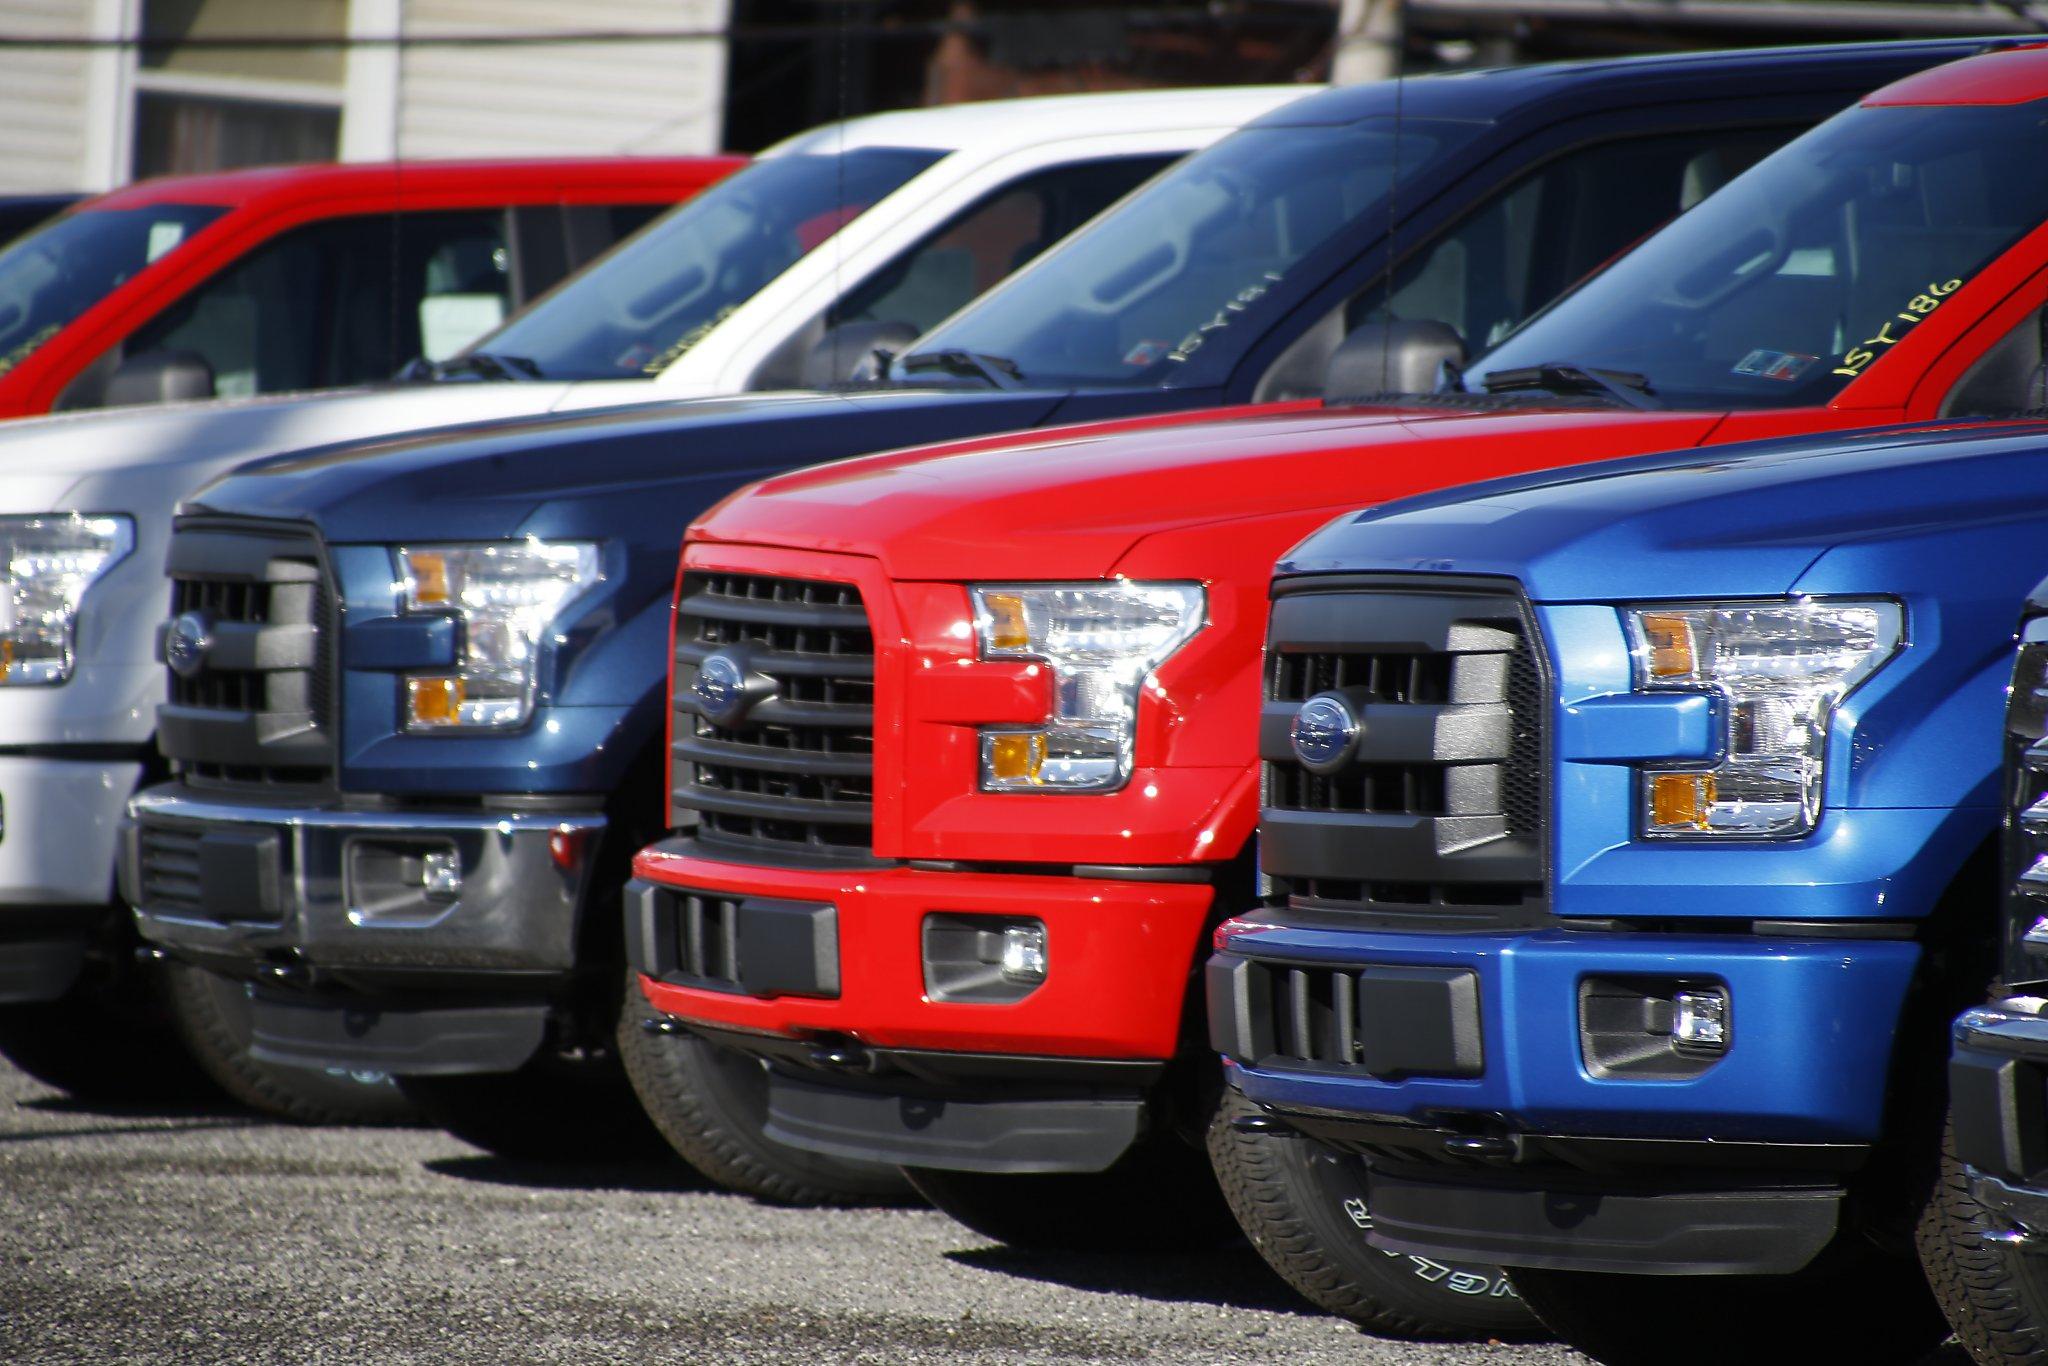 Image result for google truck dealers lot images